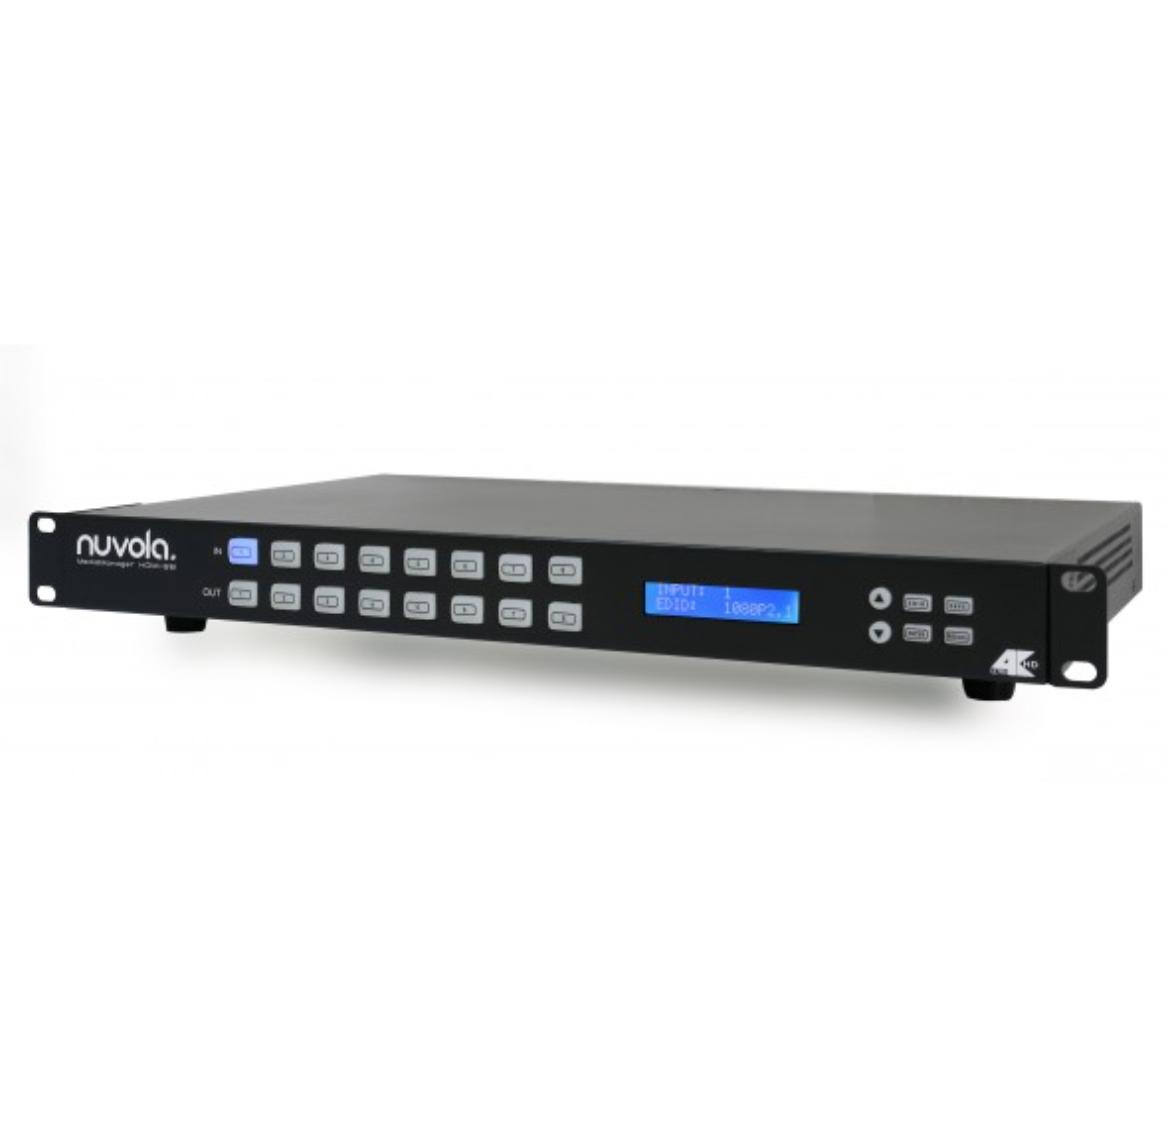 Матричный видеокоммутатор Nuvola MediaManager HDMI 8x8 купить заказать